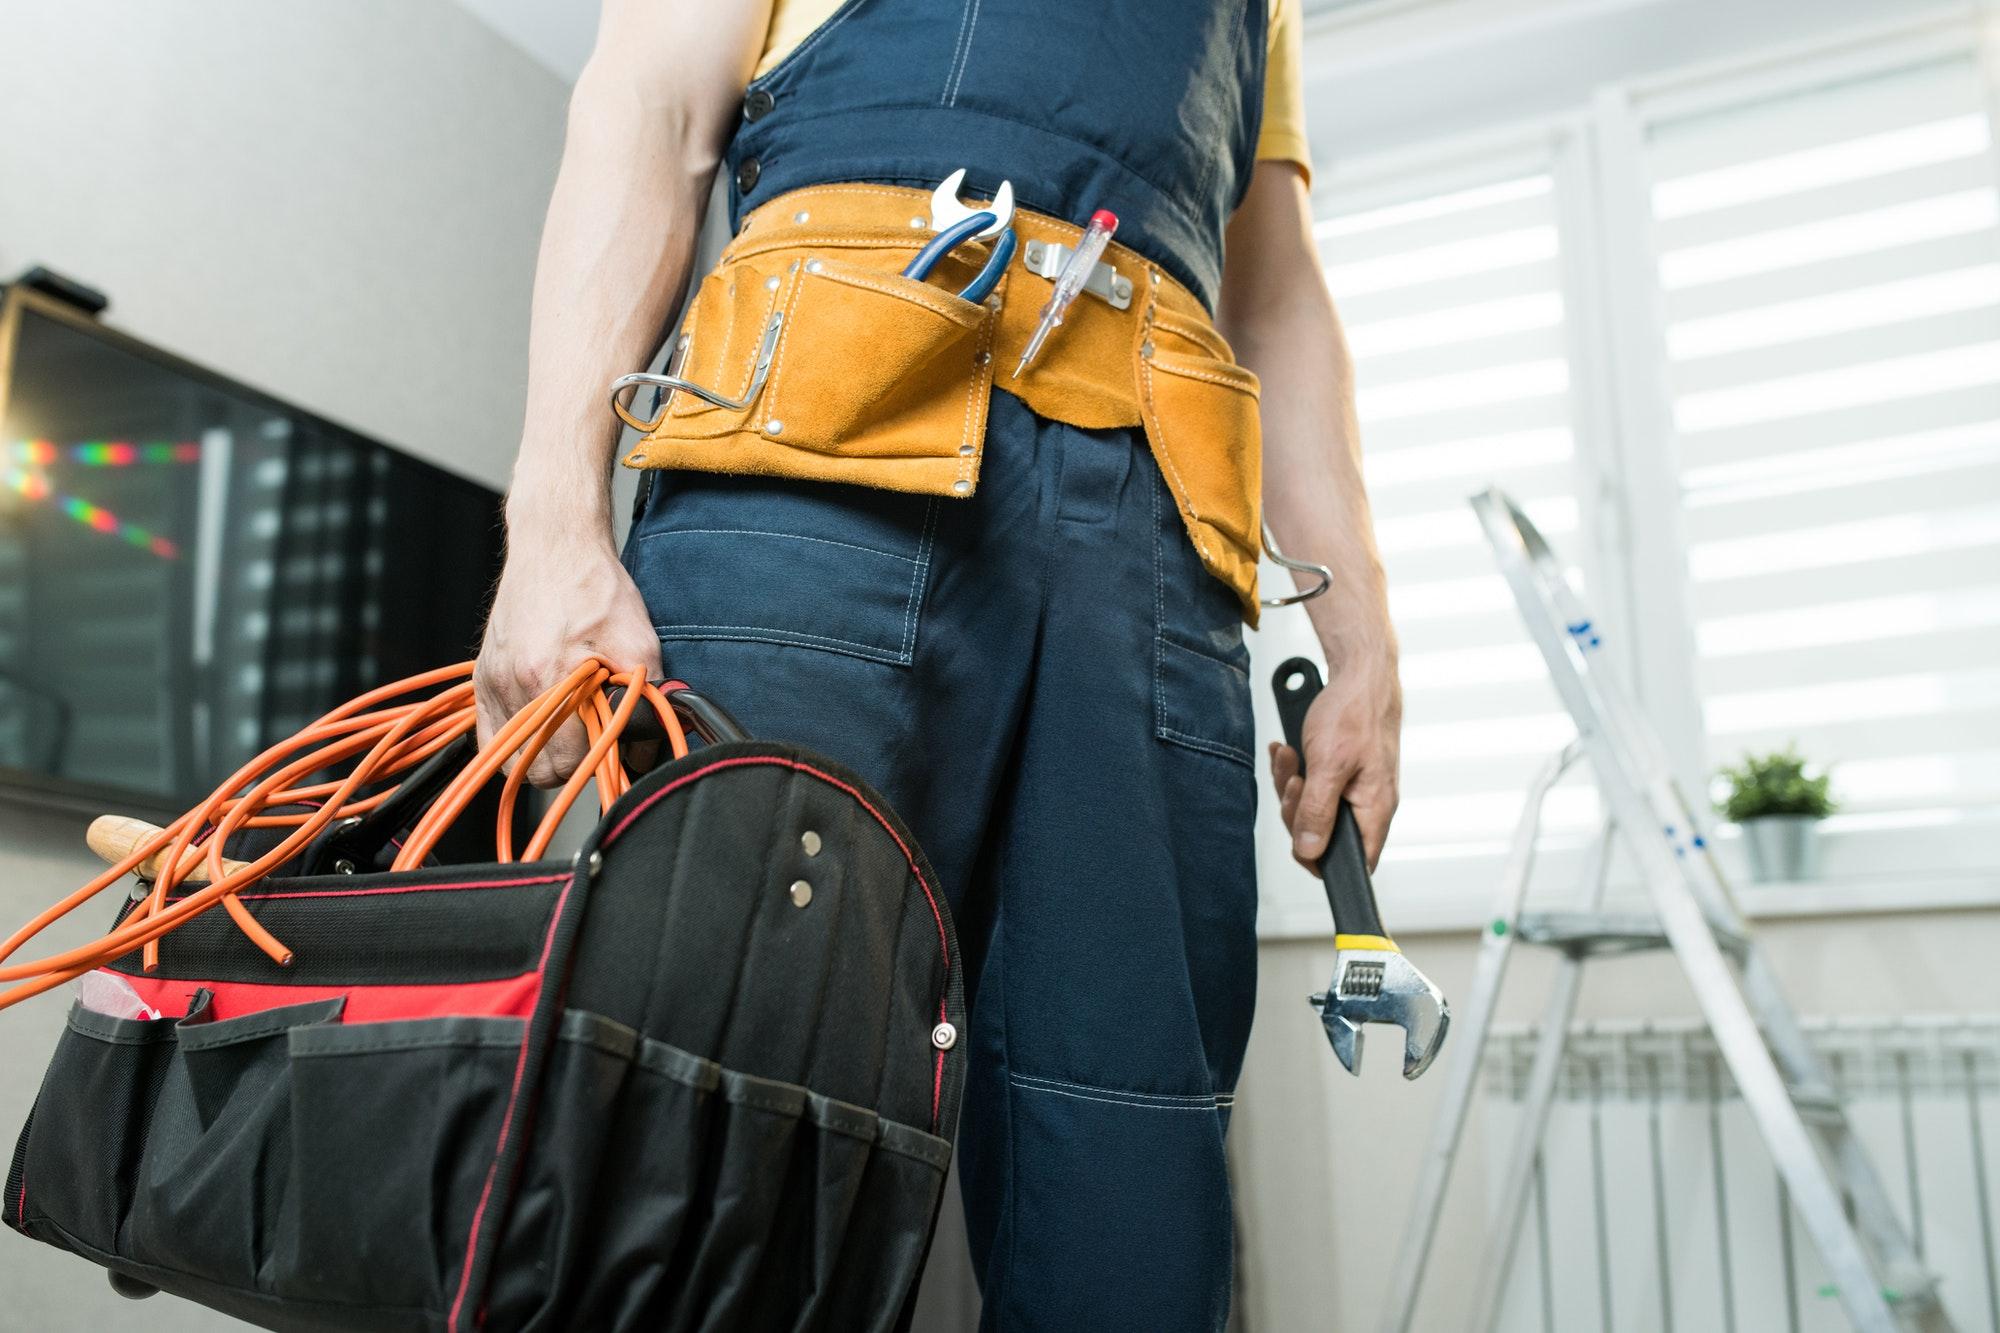 Handyman with bag of work tools